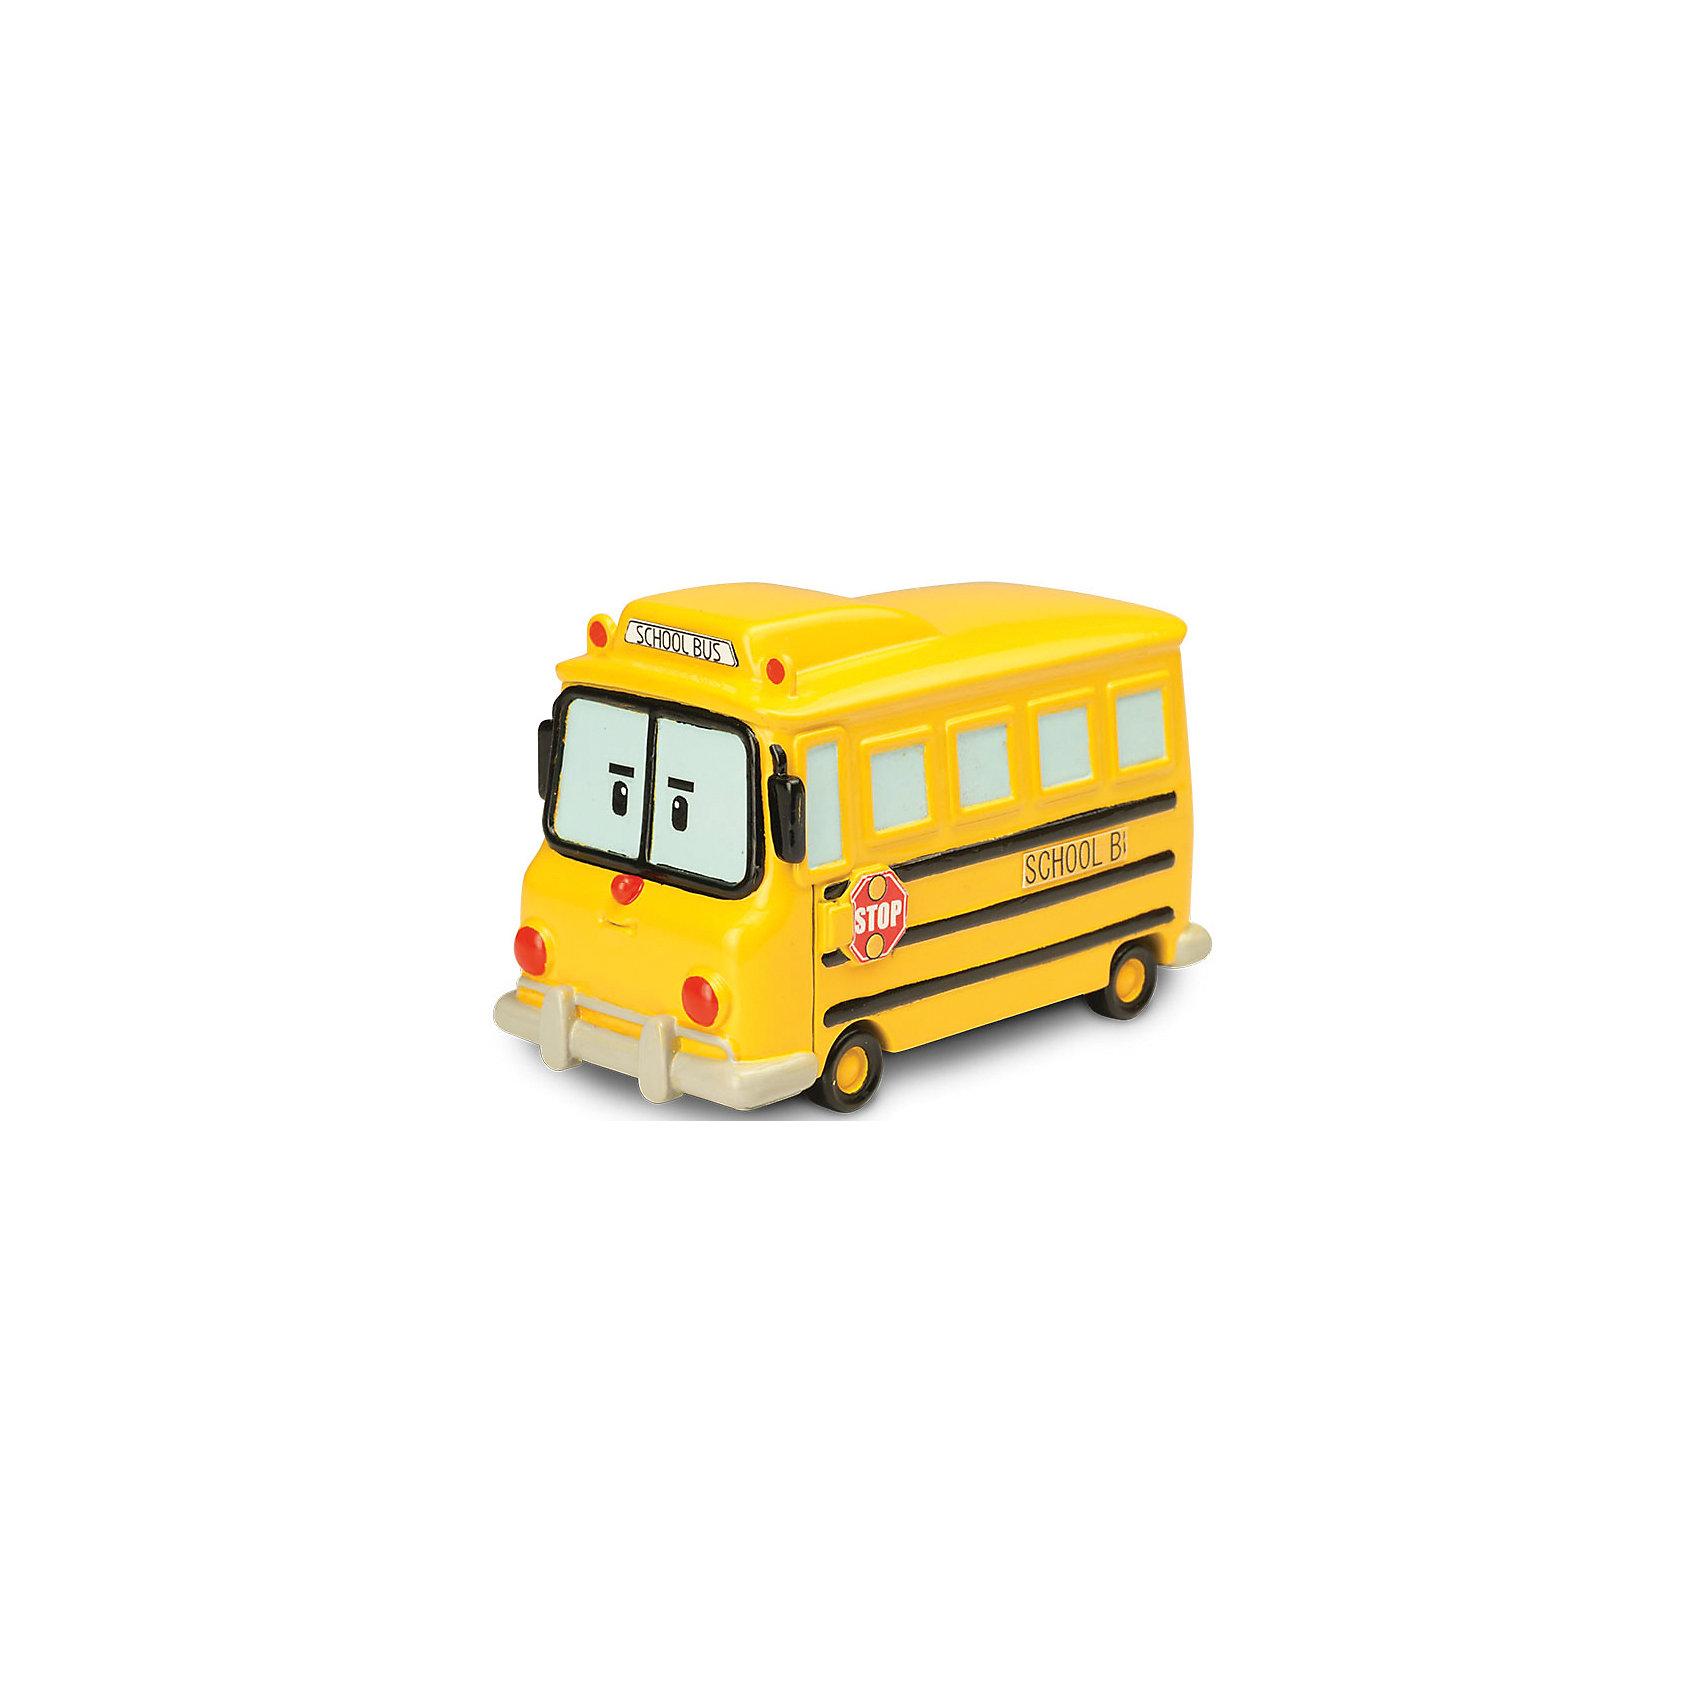 Игрушка Металлическая машинка Скулби, 6 см, Робокар ПолиИгрушки<br>Робокар Поли (Robocar Poli) -  добрый, интересный мультфильм про жителей удивительного города Брумстауна. В главных ролях команда отважных машинок-спасателей. Каждый малыш мечтает получить фигурки любимых героев в подарок! Школьный автобус Скулби - это новый персонаж. Он полюбился малышам за свою доброту и веселый нрав. Но Скулби понимает, какая важная миссия на него возложена. Он зорко следит за ситуацией на дороге, чтобы привезти детей в школу в целости и сохранности. А если заметил опасность, вызывает команду спасателей! Игрушка отлично сочетается со всеми игровыми наборами Робокар Поли  (Robocar Poli) с трассами. Играть со Скулби будет еще интереснее, ведь он точь в точь как в мультфильме! Маленькую металлическую машинку легко брать с собой, она очень прочная и при этом безопасная, так как не содержит острых углов. Соберите всю коллекцию из серии Робокар Поли (Robocar Poli) и пускайтесь с любимыми героями в захватывающие приключения!<br><br>Дополнительная информация:<br><br>- Небольшая металлическая машинка;<br>- Стойкая краска;<br>- Очень понравится поклоннику мультсериала Робокар Поли  (Robocar Poli);<br>- Машинка совместима с игровыми наборами;<br>- Прочная конструкция; <br>- Материал: металл;<br>- Размер машинки: 6 х 4 х 3,8 см;<br>- Вес: 160 г<br><br>Игрушку Металлическая машинка Скулби, 6 см, Робокар Поли  (Robocar Poli) можно купить в нашем интернет-магазине.<br><br>Ширина мм: 140<br>Глубина мм: 50<br>Высота мм: 170<br>Вес г: 160<br>Возраст от месяцев: 36<br>Возраст до месяцев: 84<br>Пол: Унисекс<br>Возраст: Детский<br>SKU: 4033638